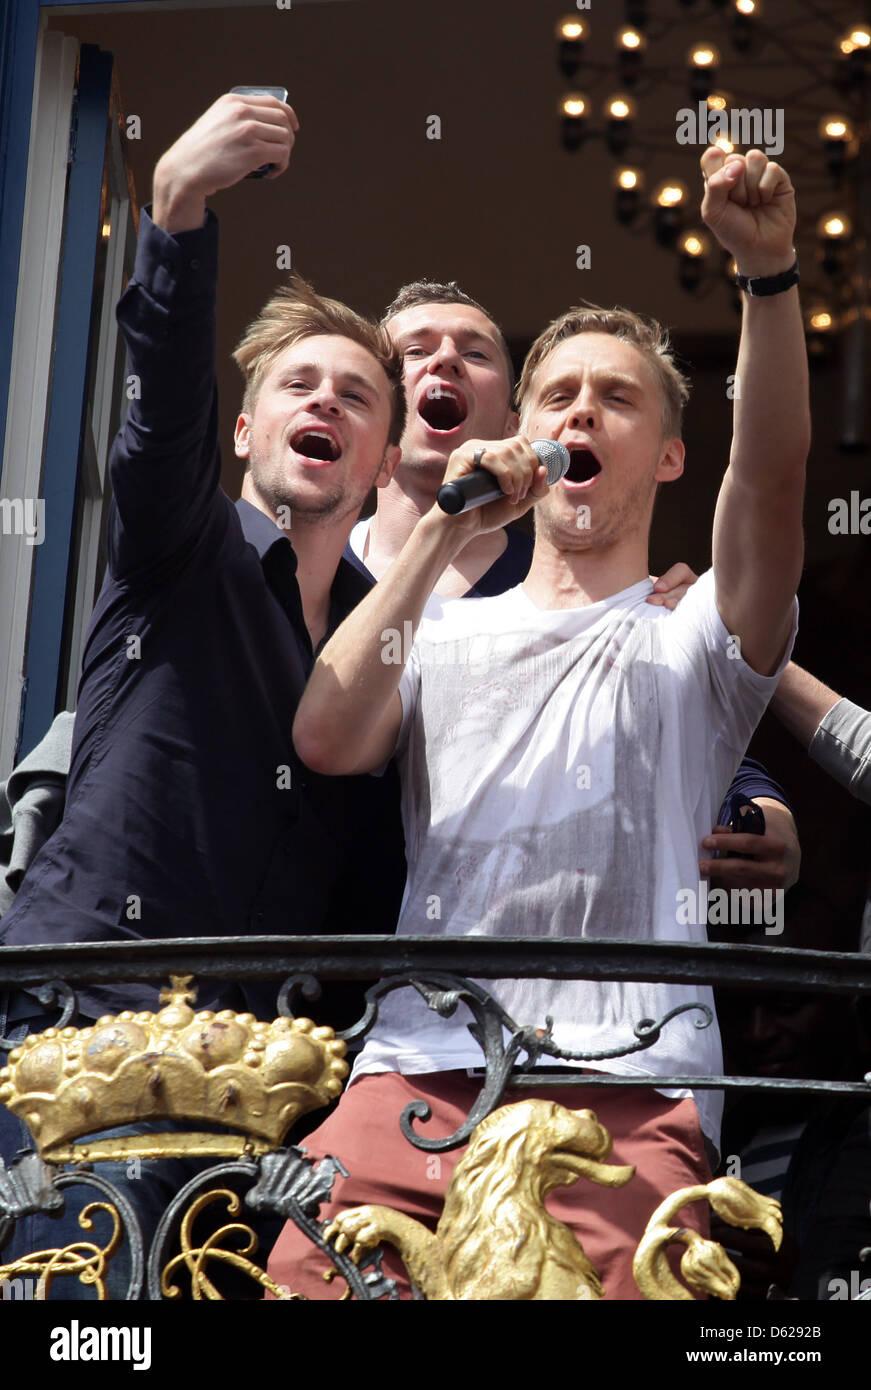 Duesseldorf's Maximilian Beister (L), Thomas Broeker (C) und Ken Ilsoe (R) stand sul balcone del municipio e Immagini Stock